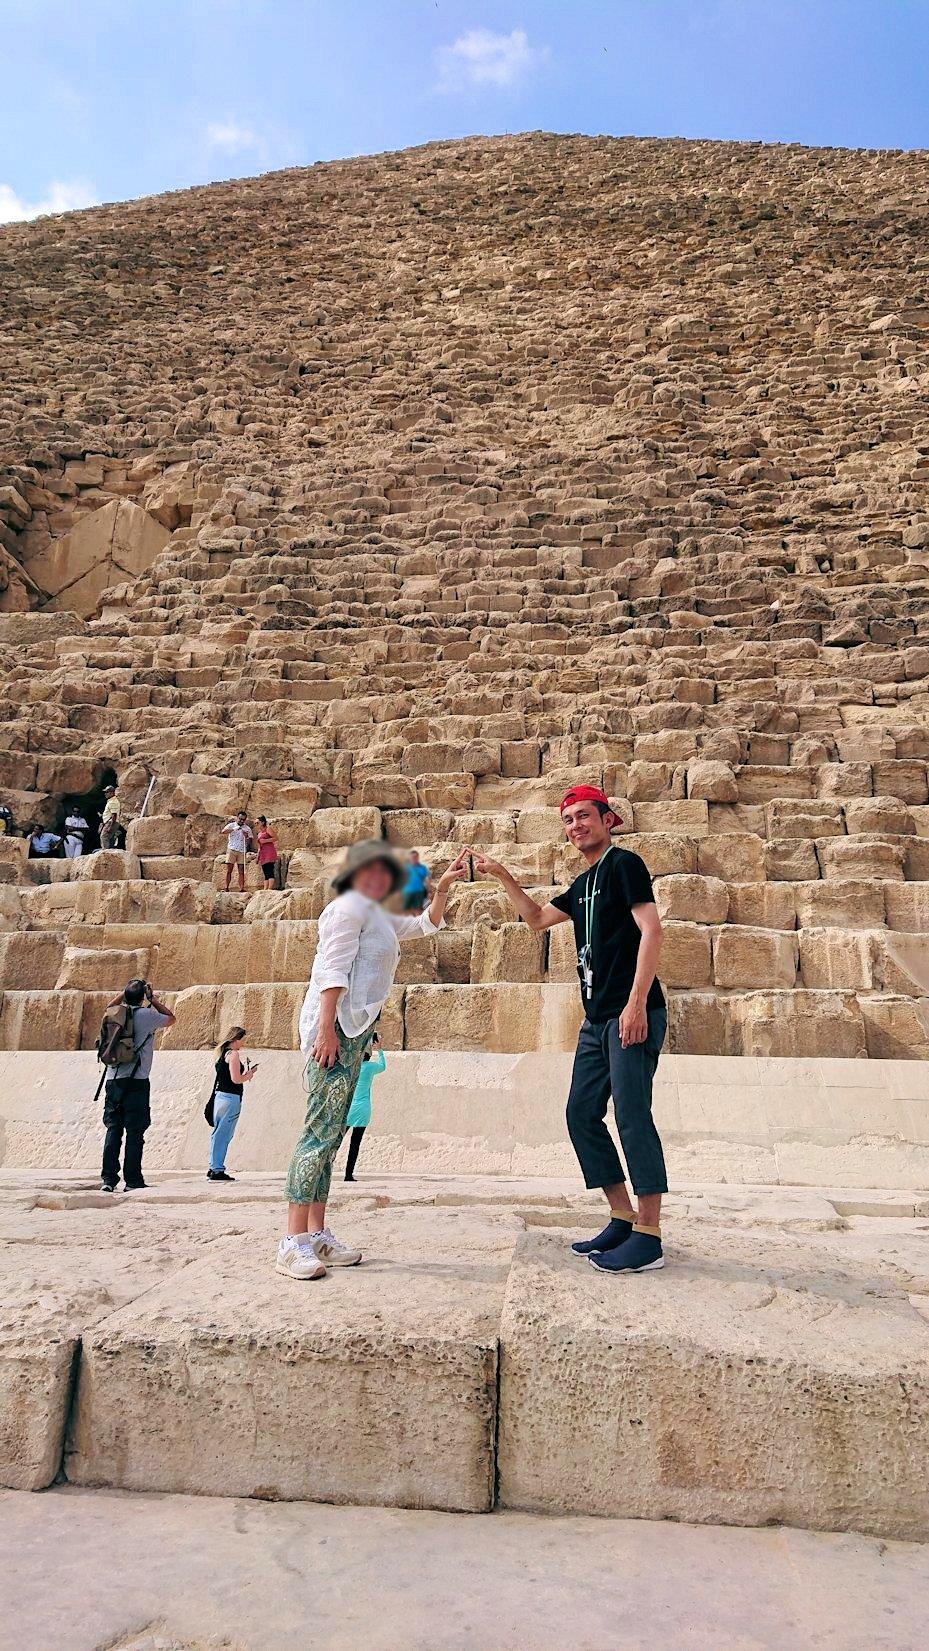 エジプト旅行 ブログ 口コミ カイロ ピラミッド